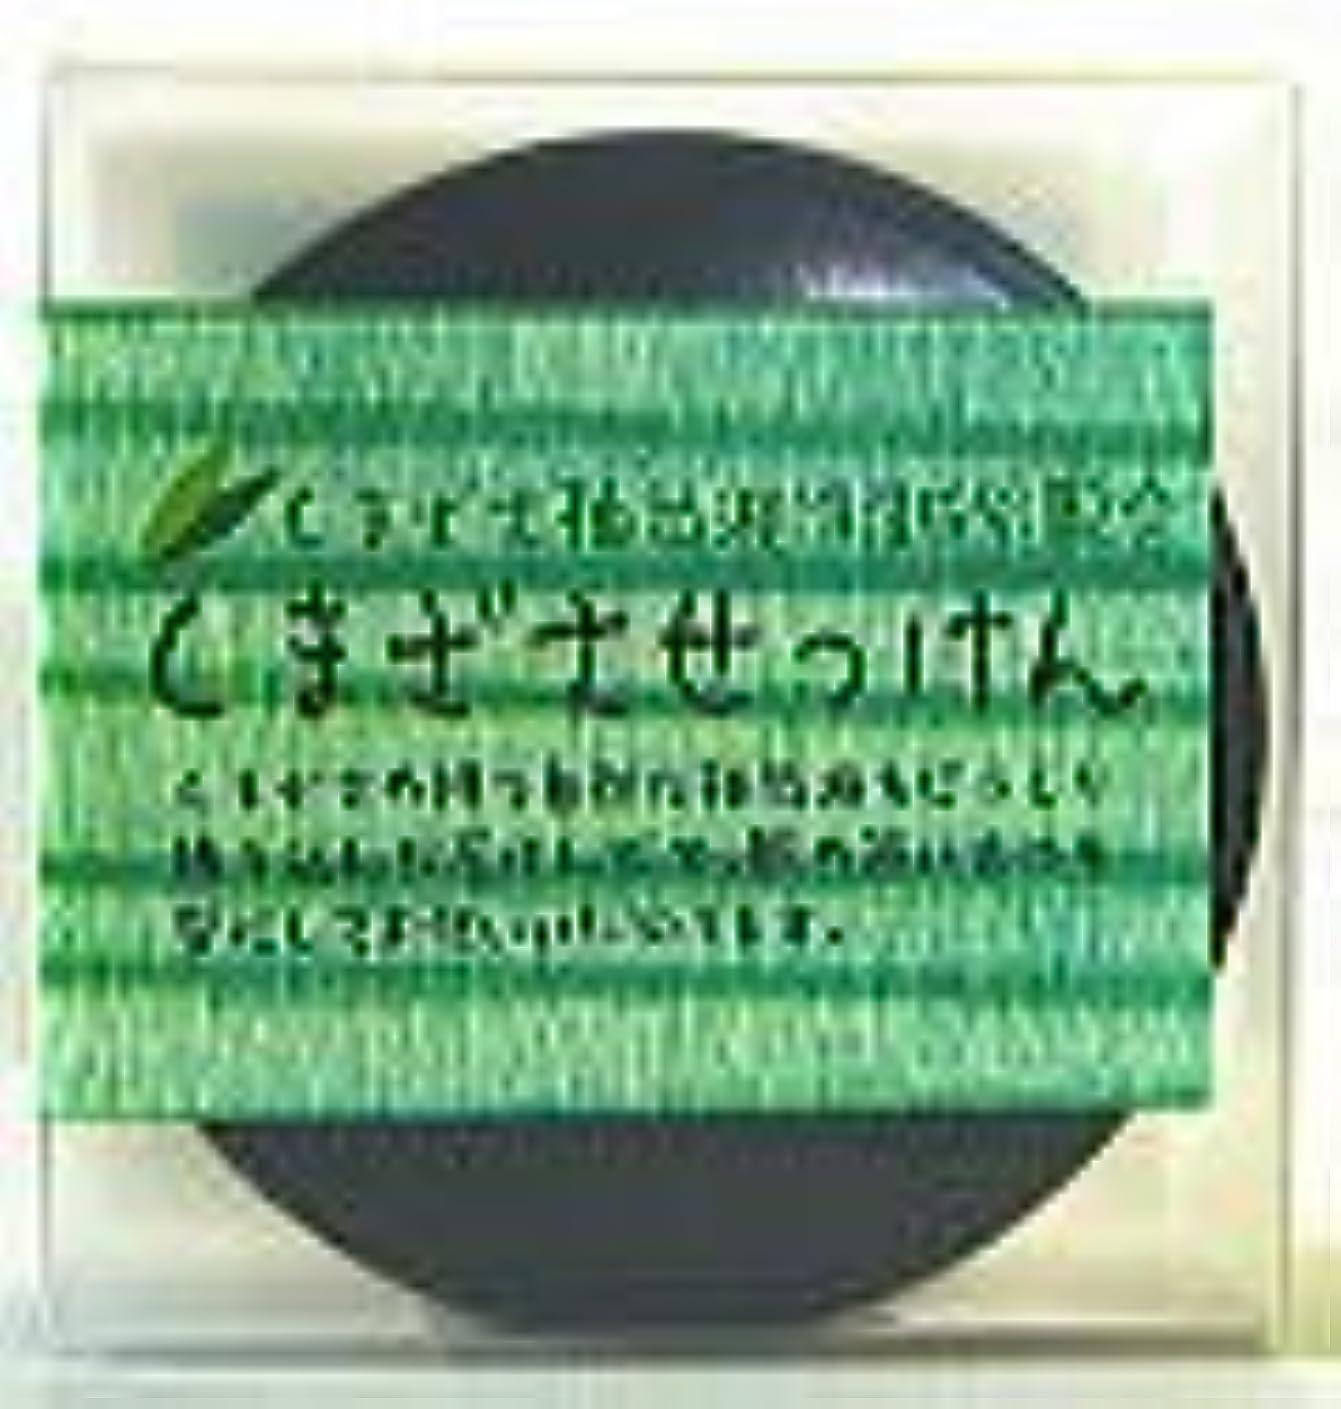 いつでもモンク埋め込むサンクロン クマザサ石鹸 100g×3